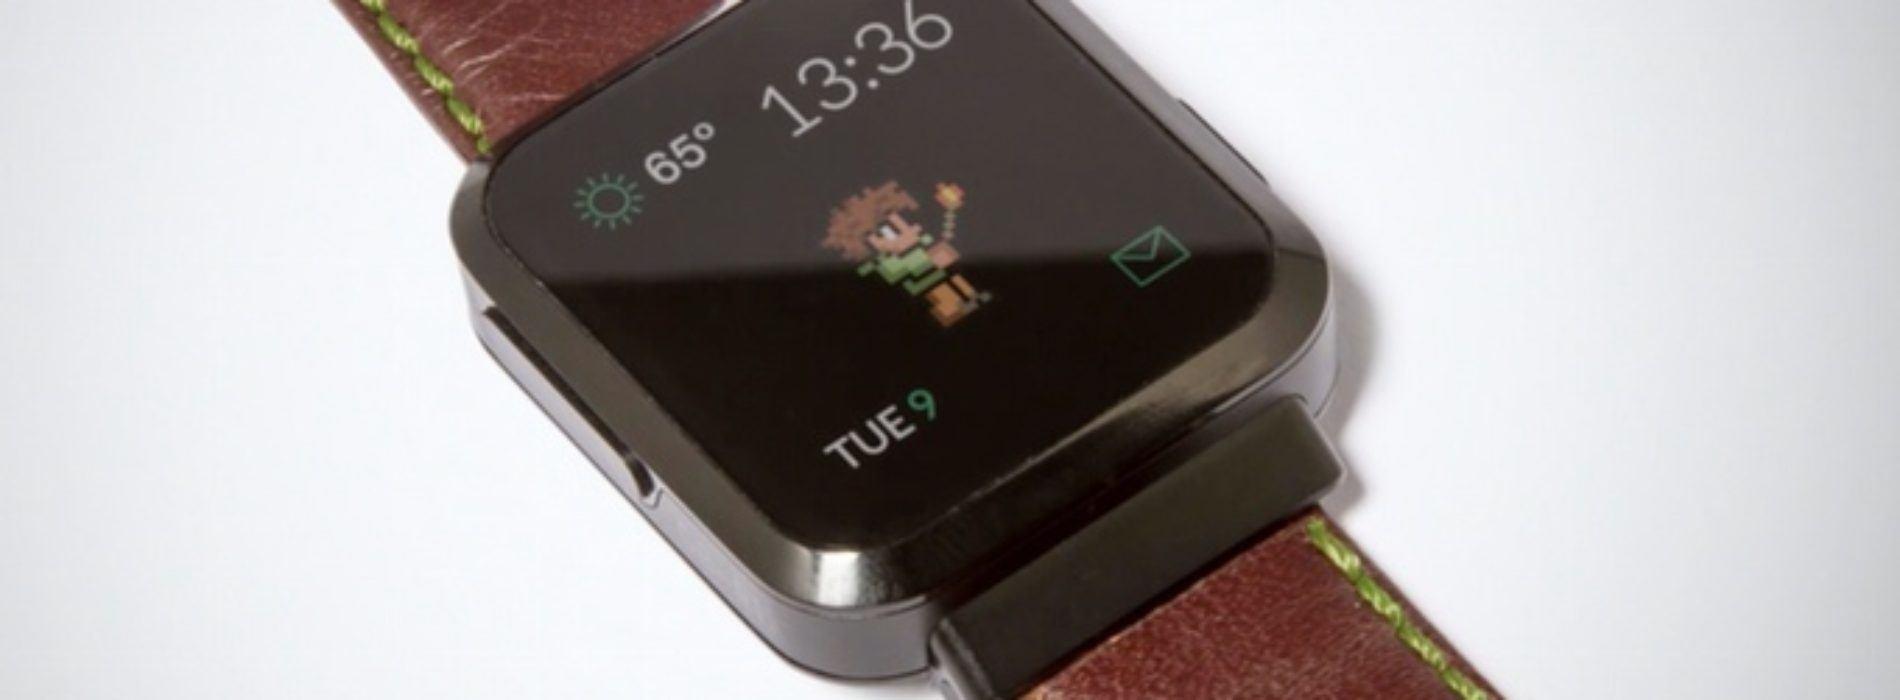 Atari busca regresar a la batalla con smartwatch